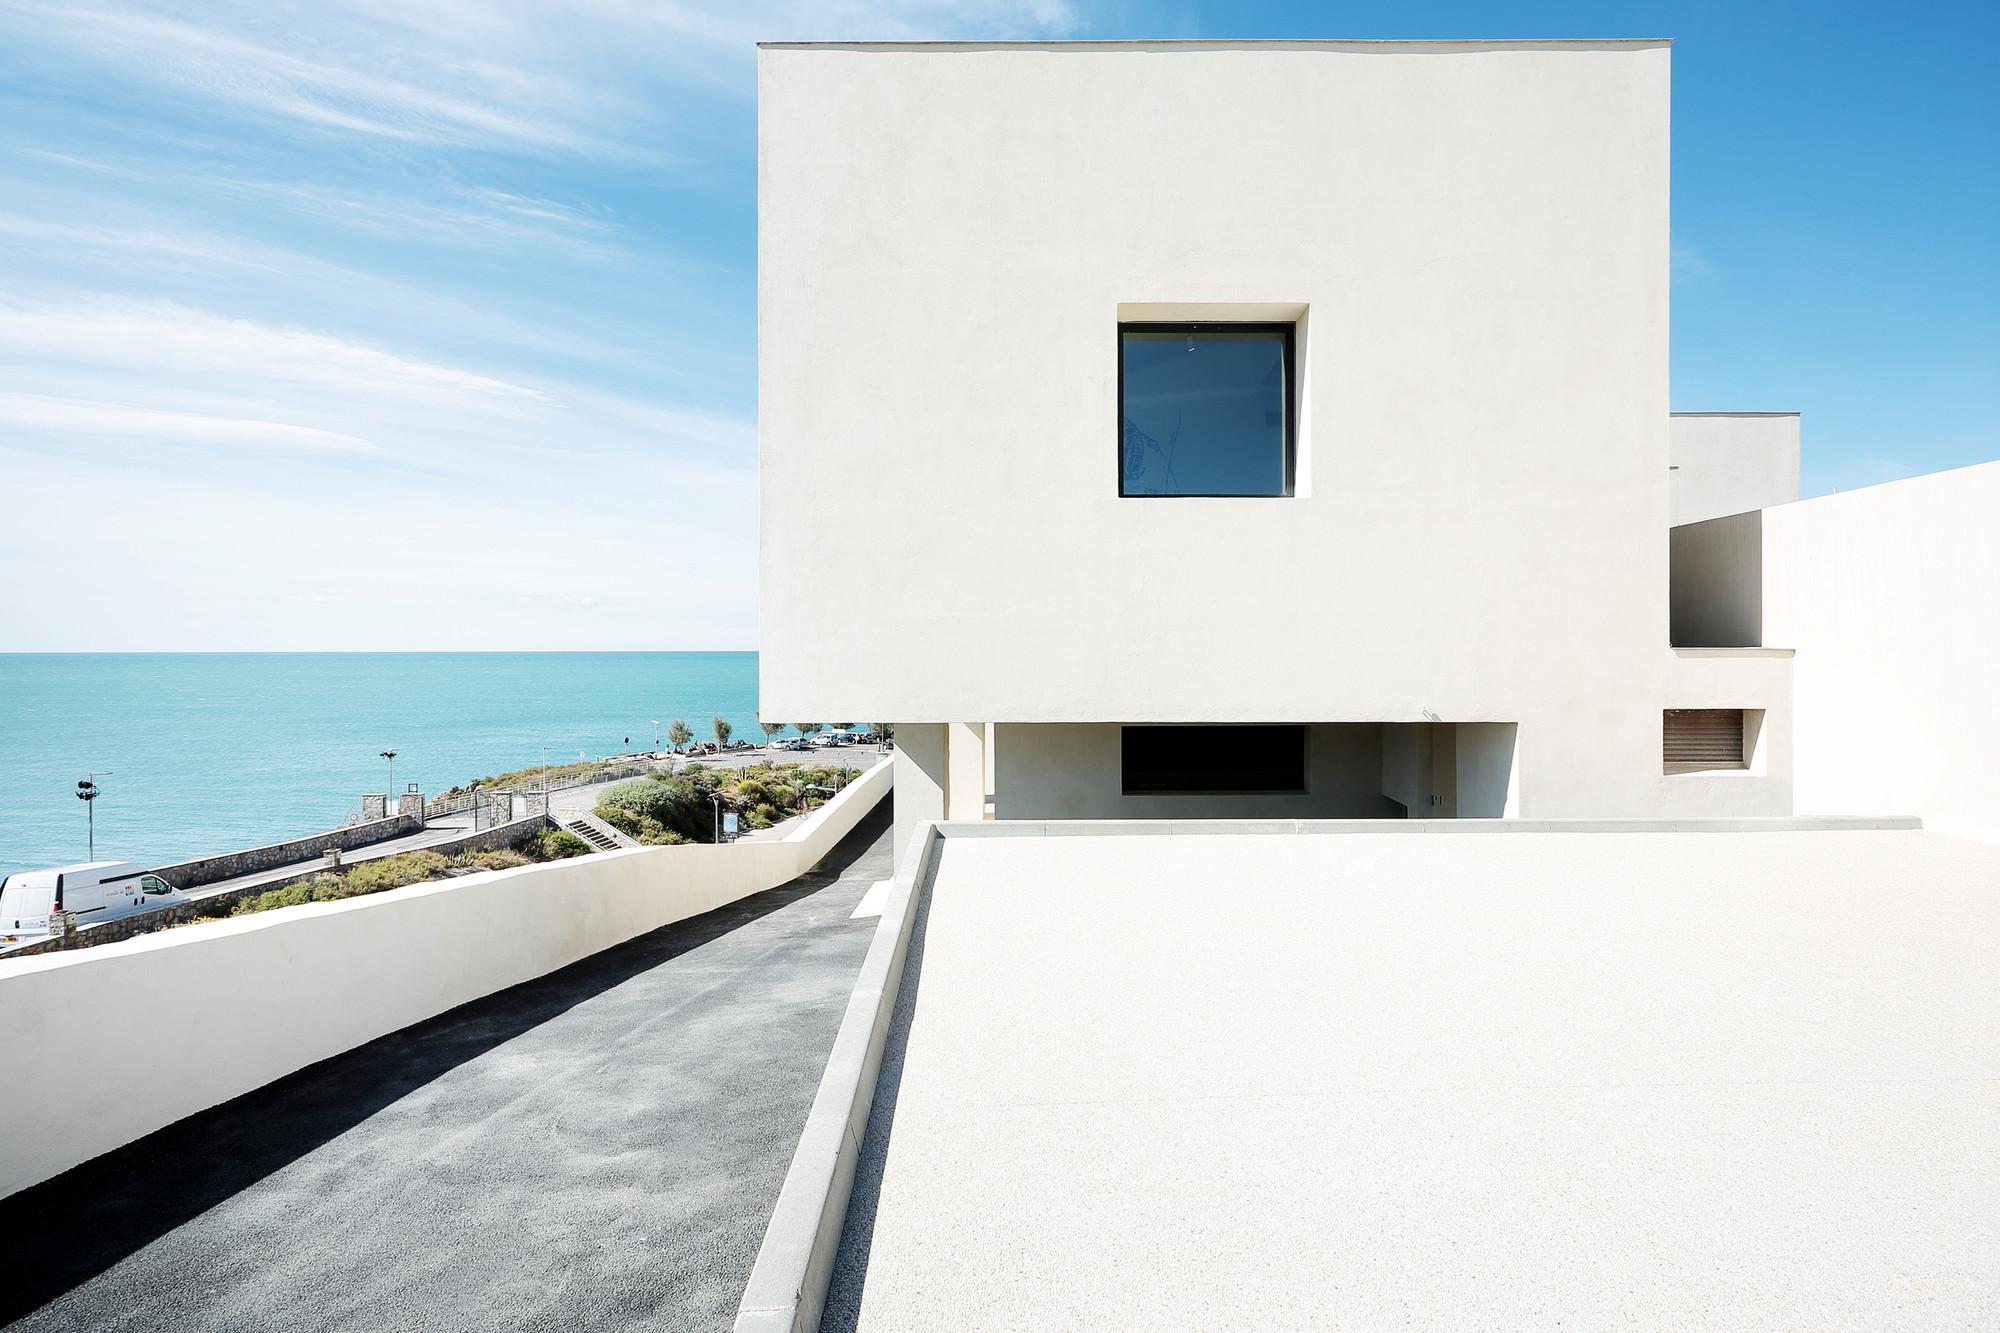 Museo Marítimo de Sete / C+D Architecture, © Marie-Caroline LUCAT